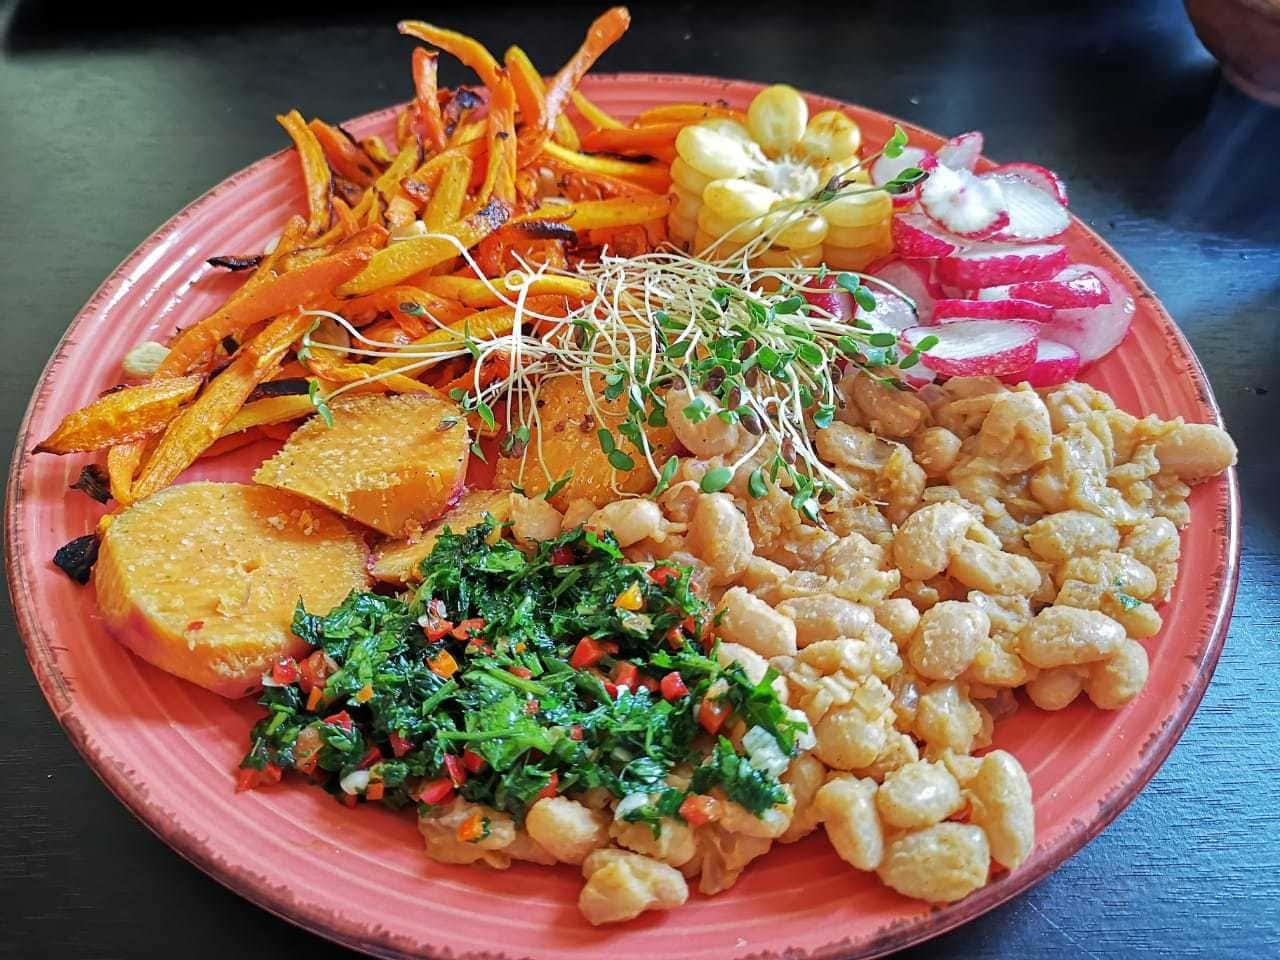 Hodowla kiełek i zdrowe odżywianie